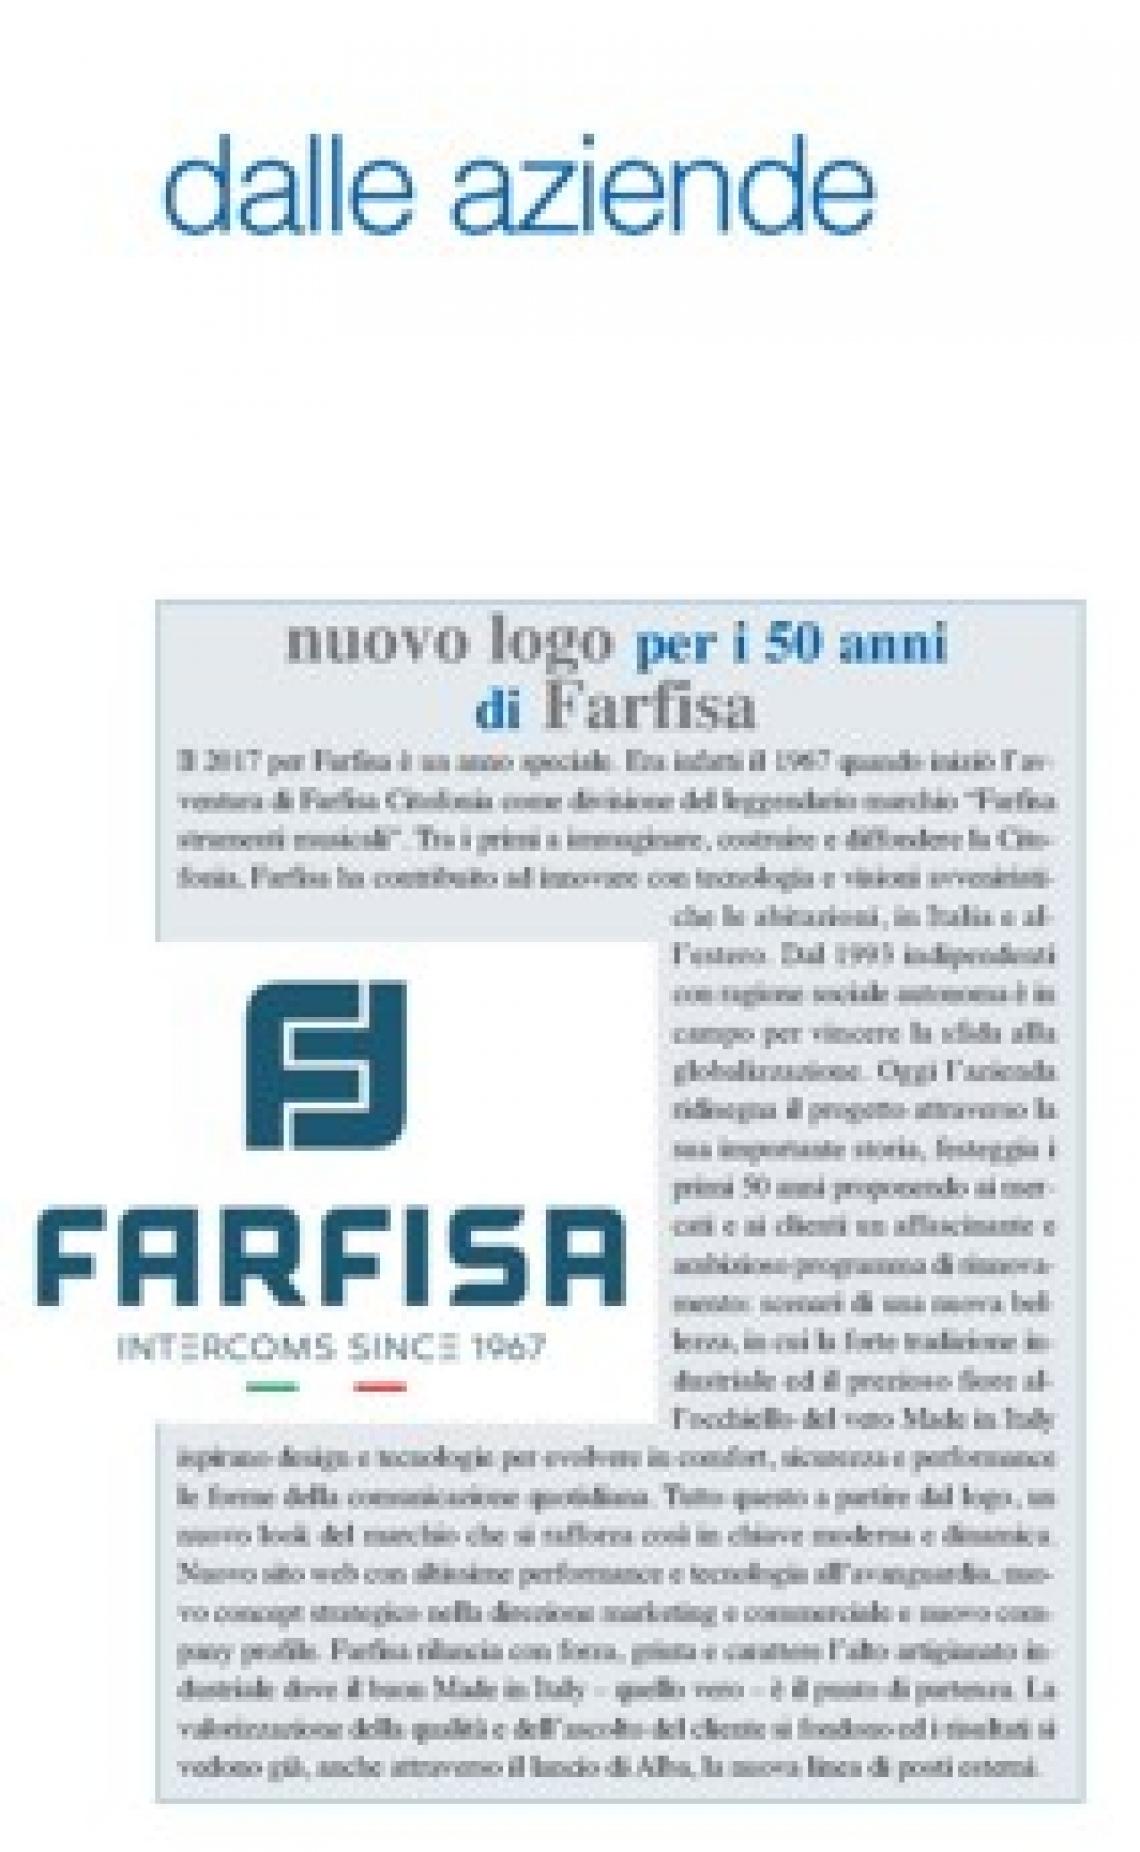 Nuovo logo per i 50 anni di Farfisa